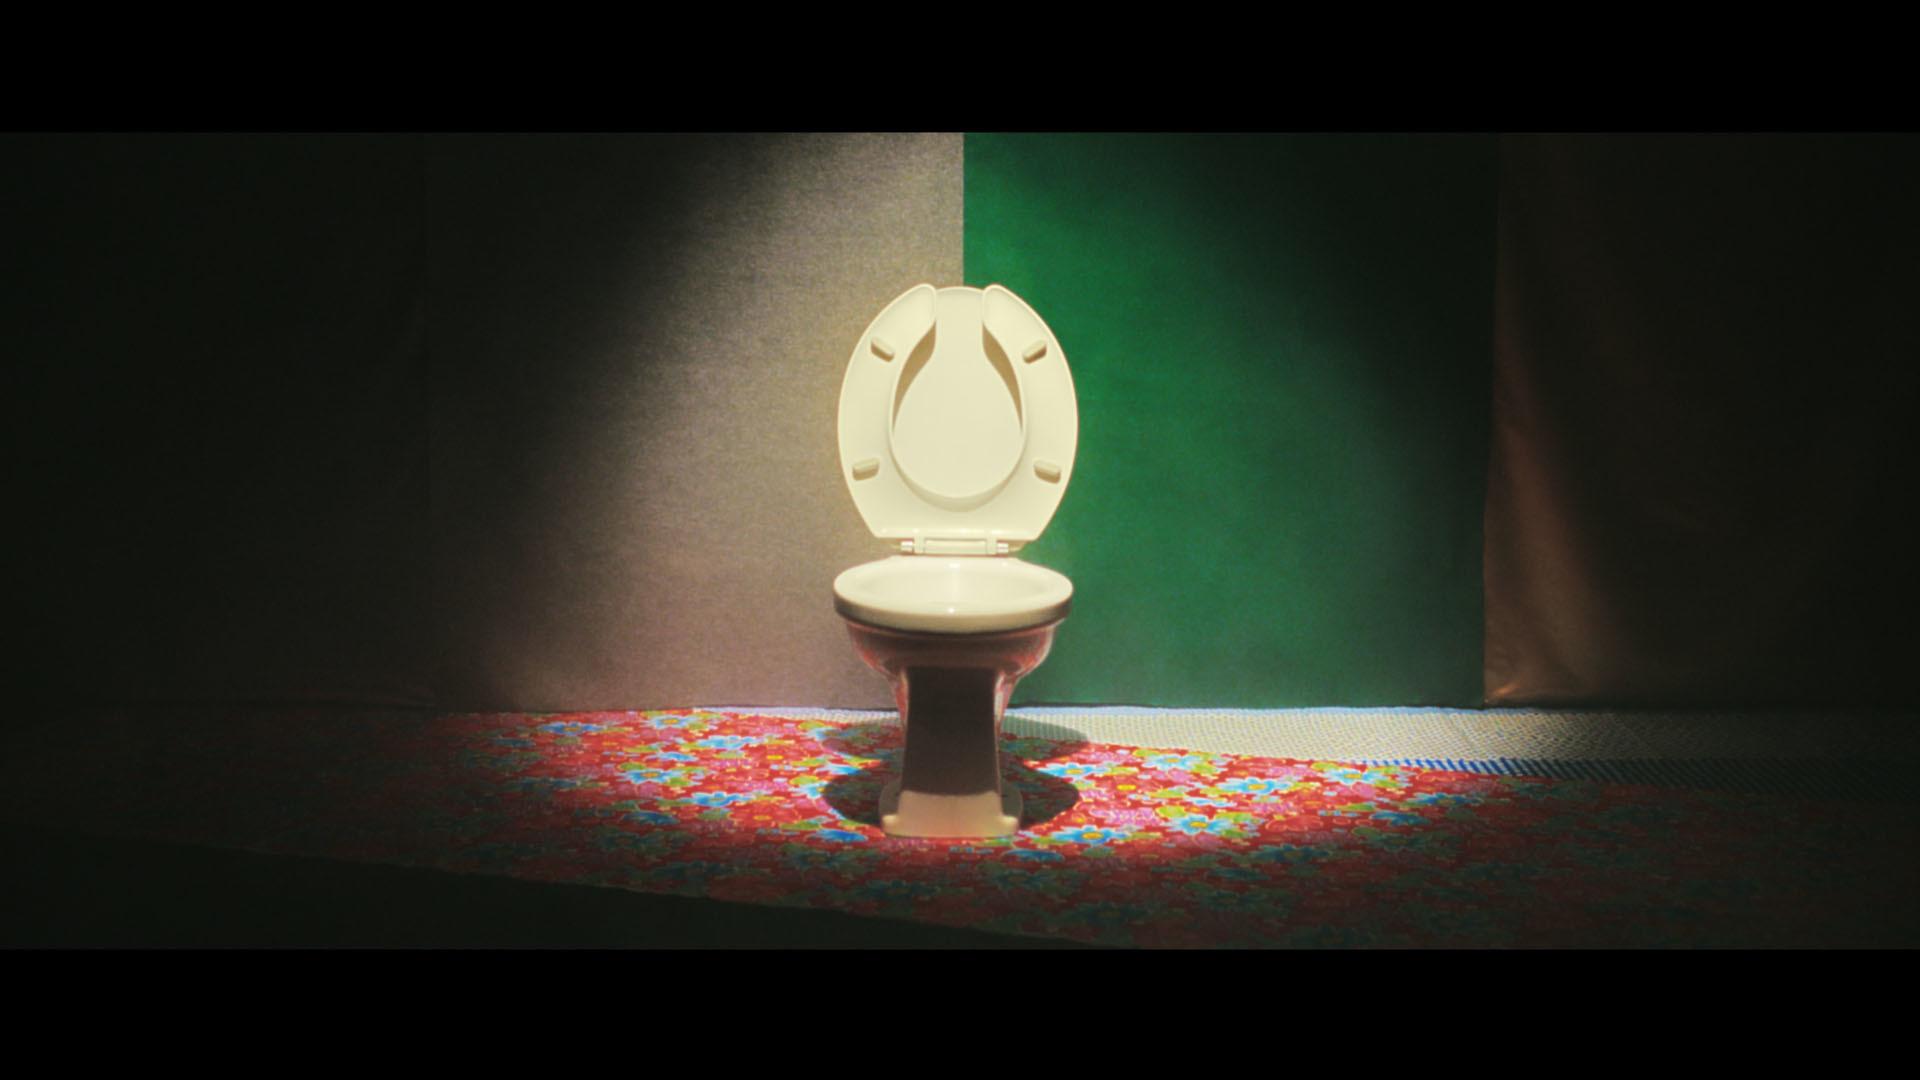 石野卓球「Rapt In Fantasy」のミュージックビデオ